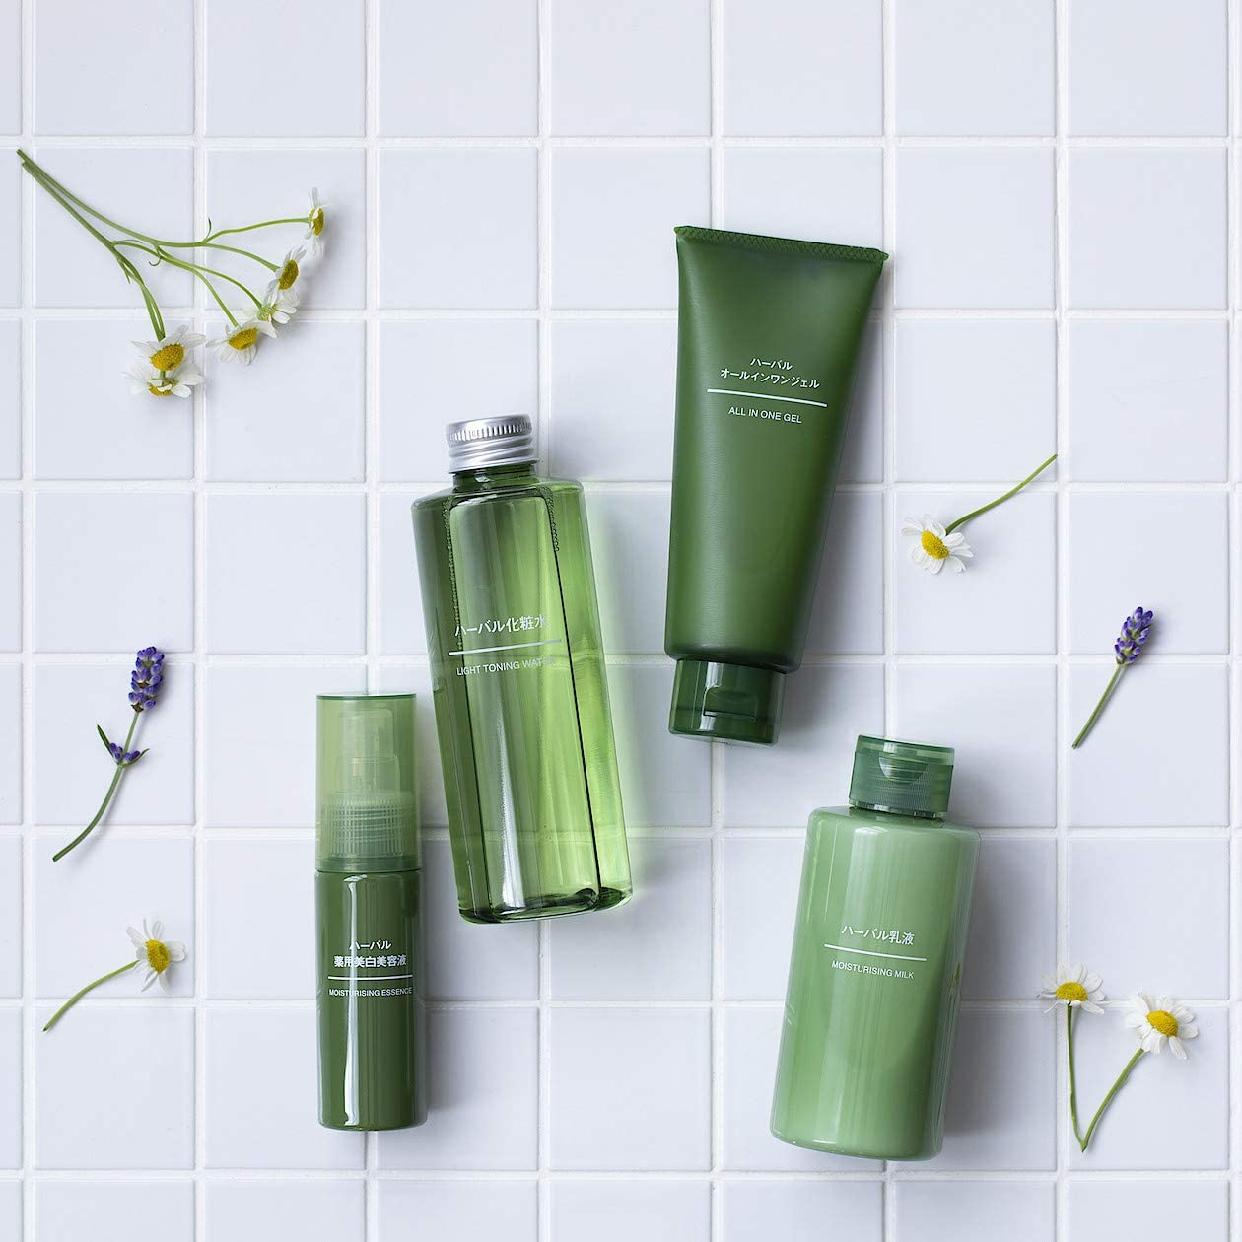 無印良品(MUJI) ハーバル化粧水の商品画像4